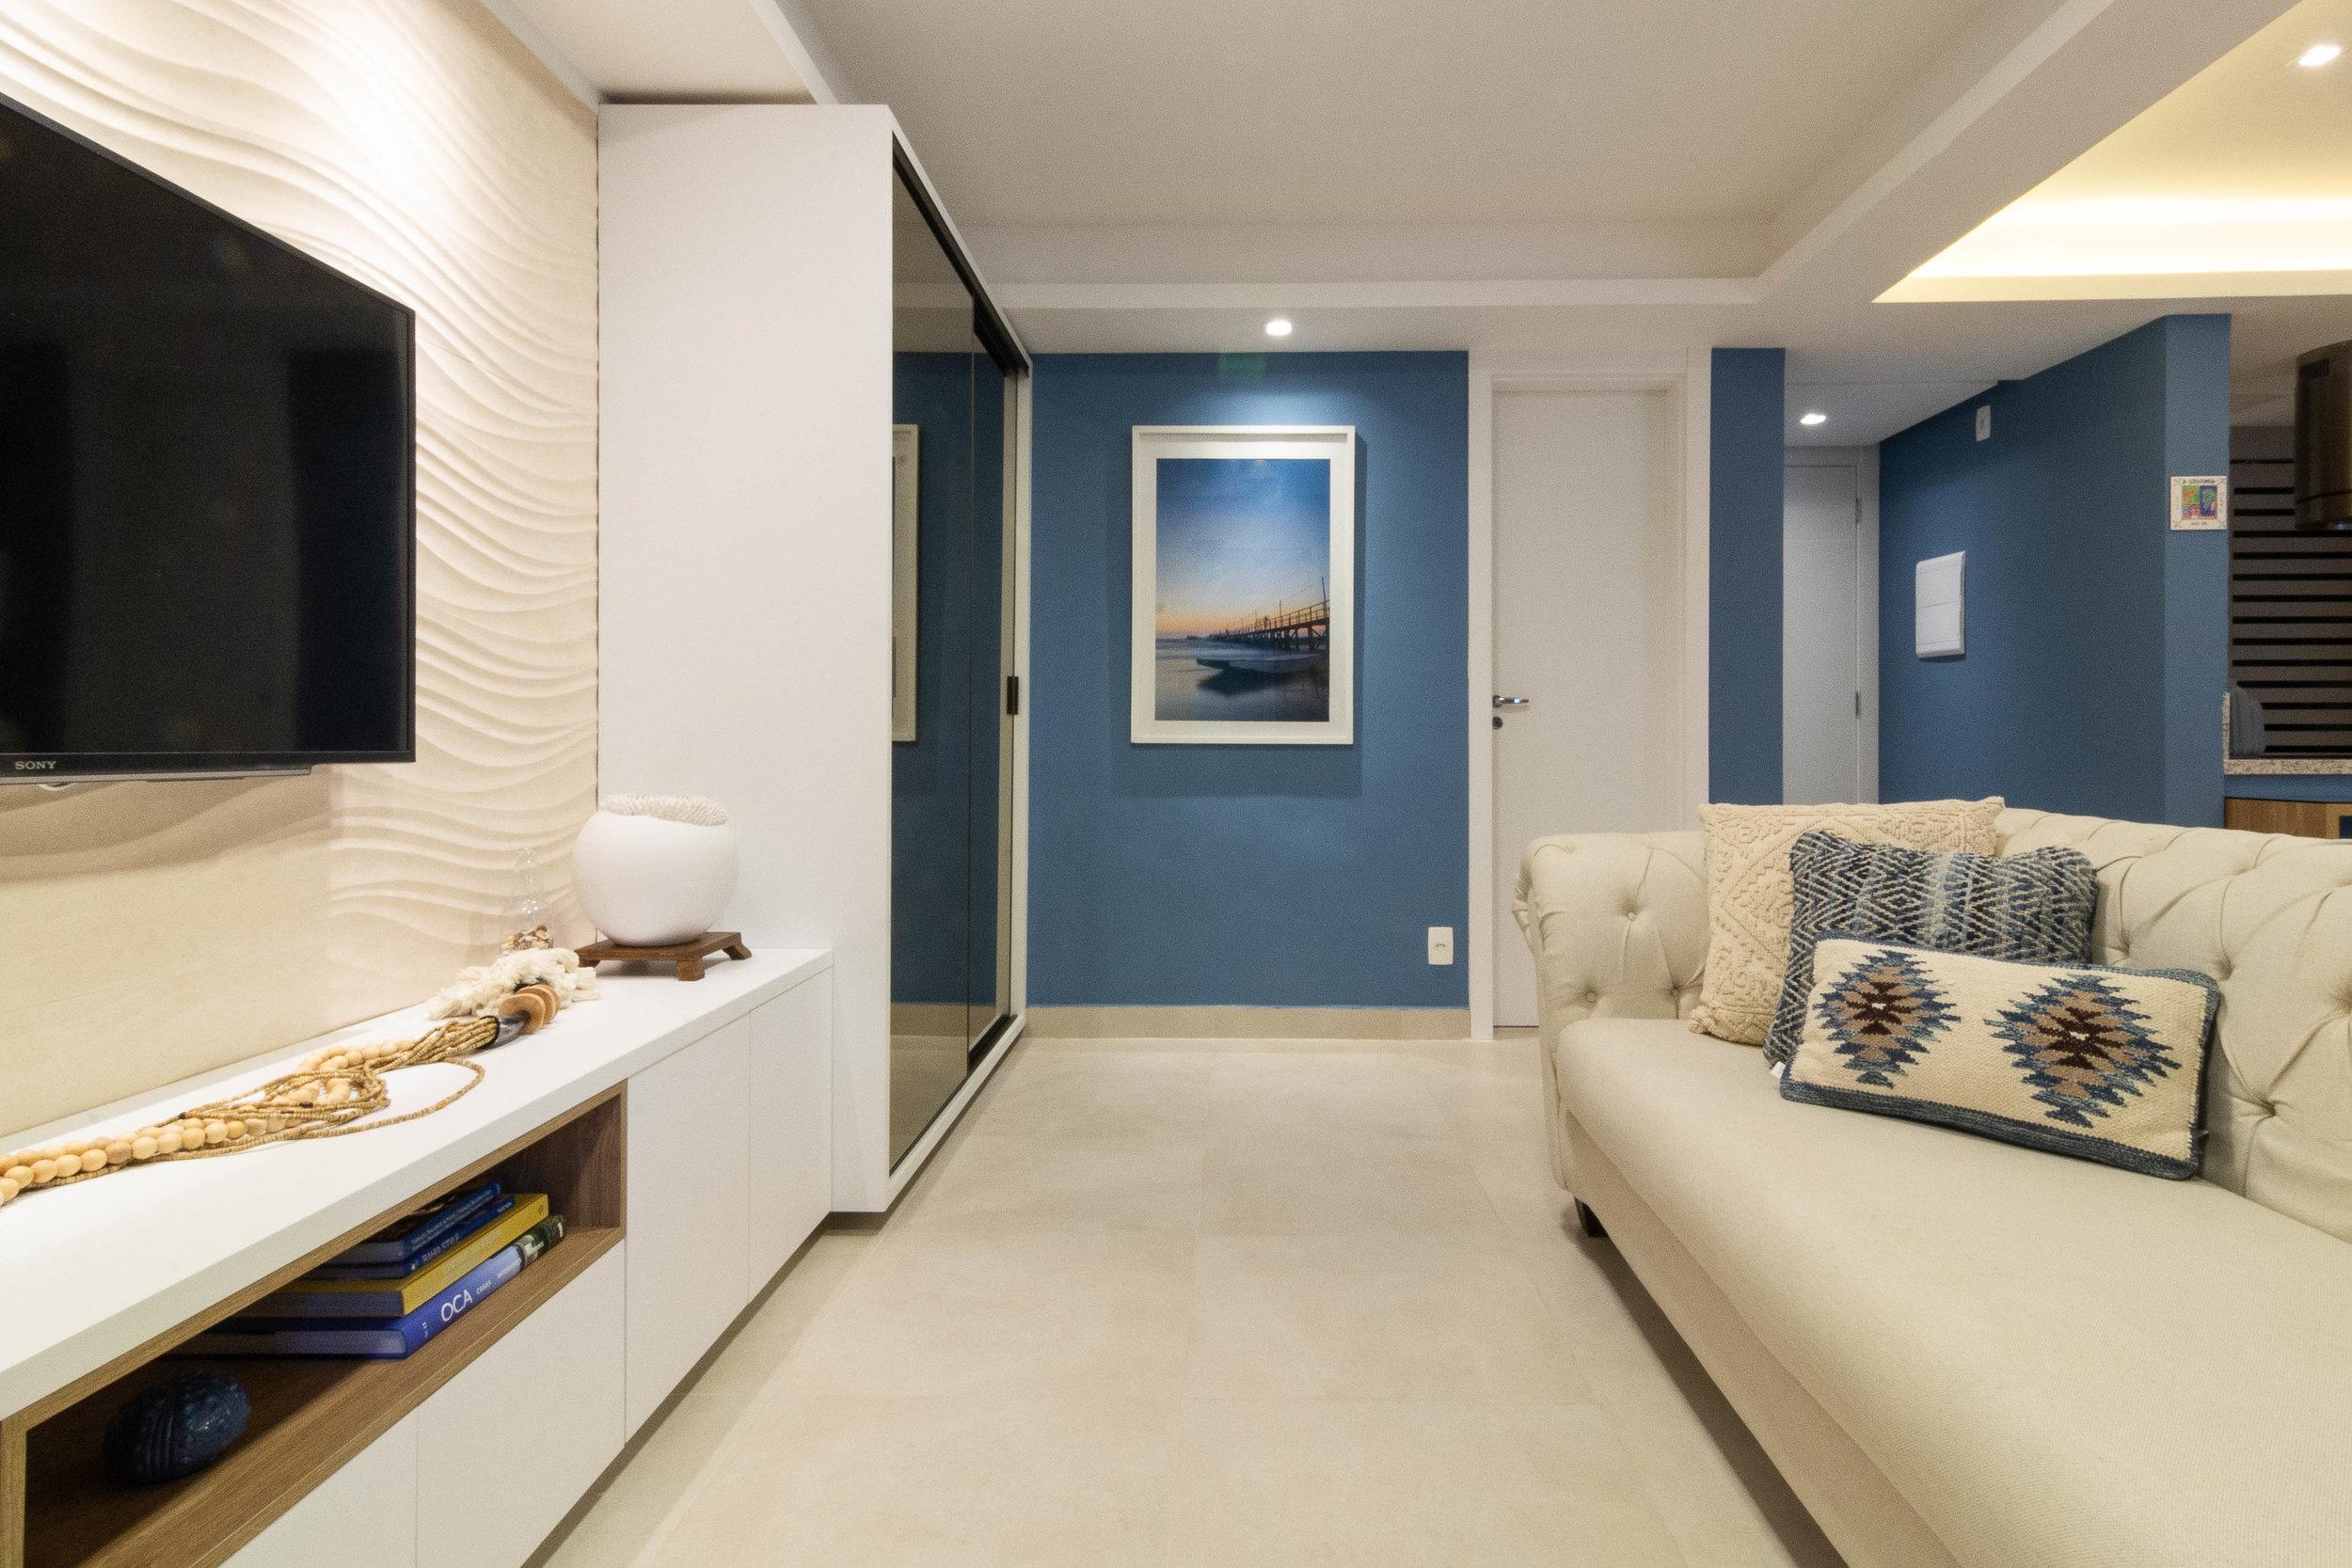 projeto-arquitetonico-luciananilton-duo-arquitetura-apartamentos-praia-04.jpg